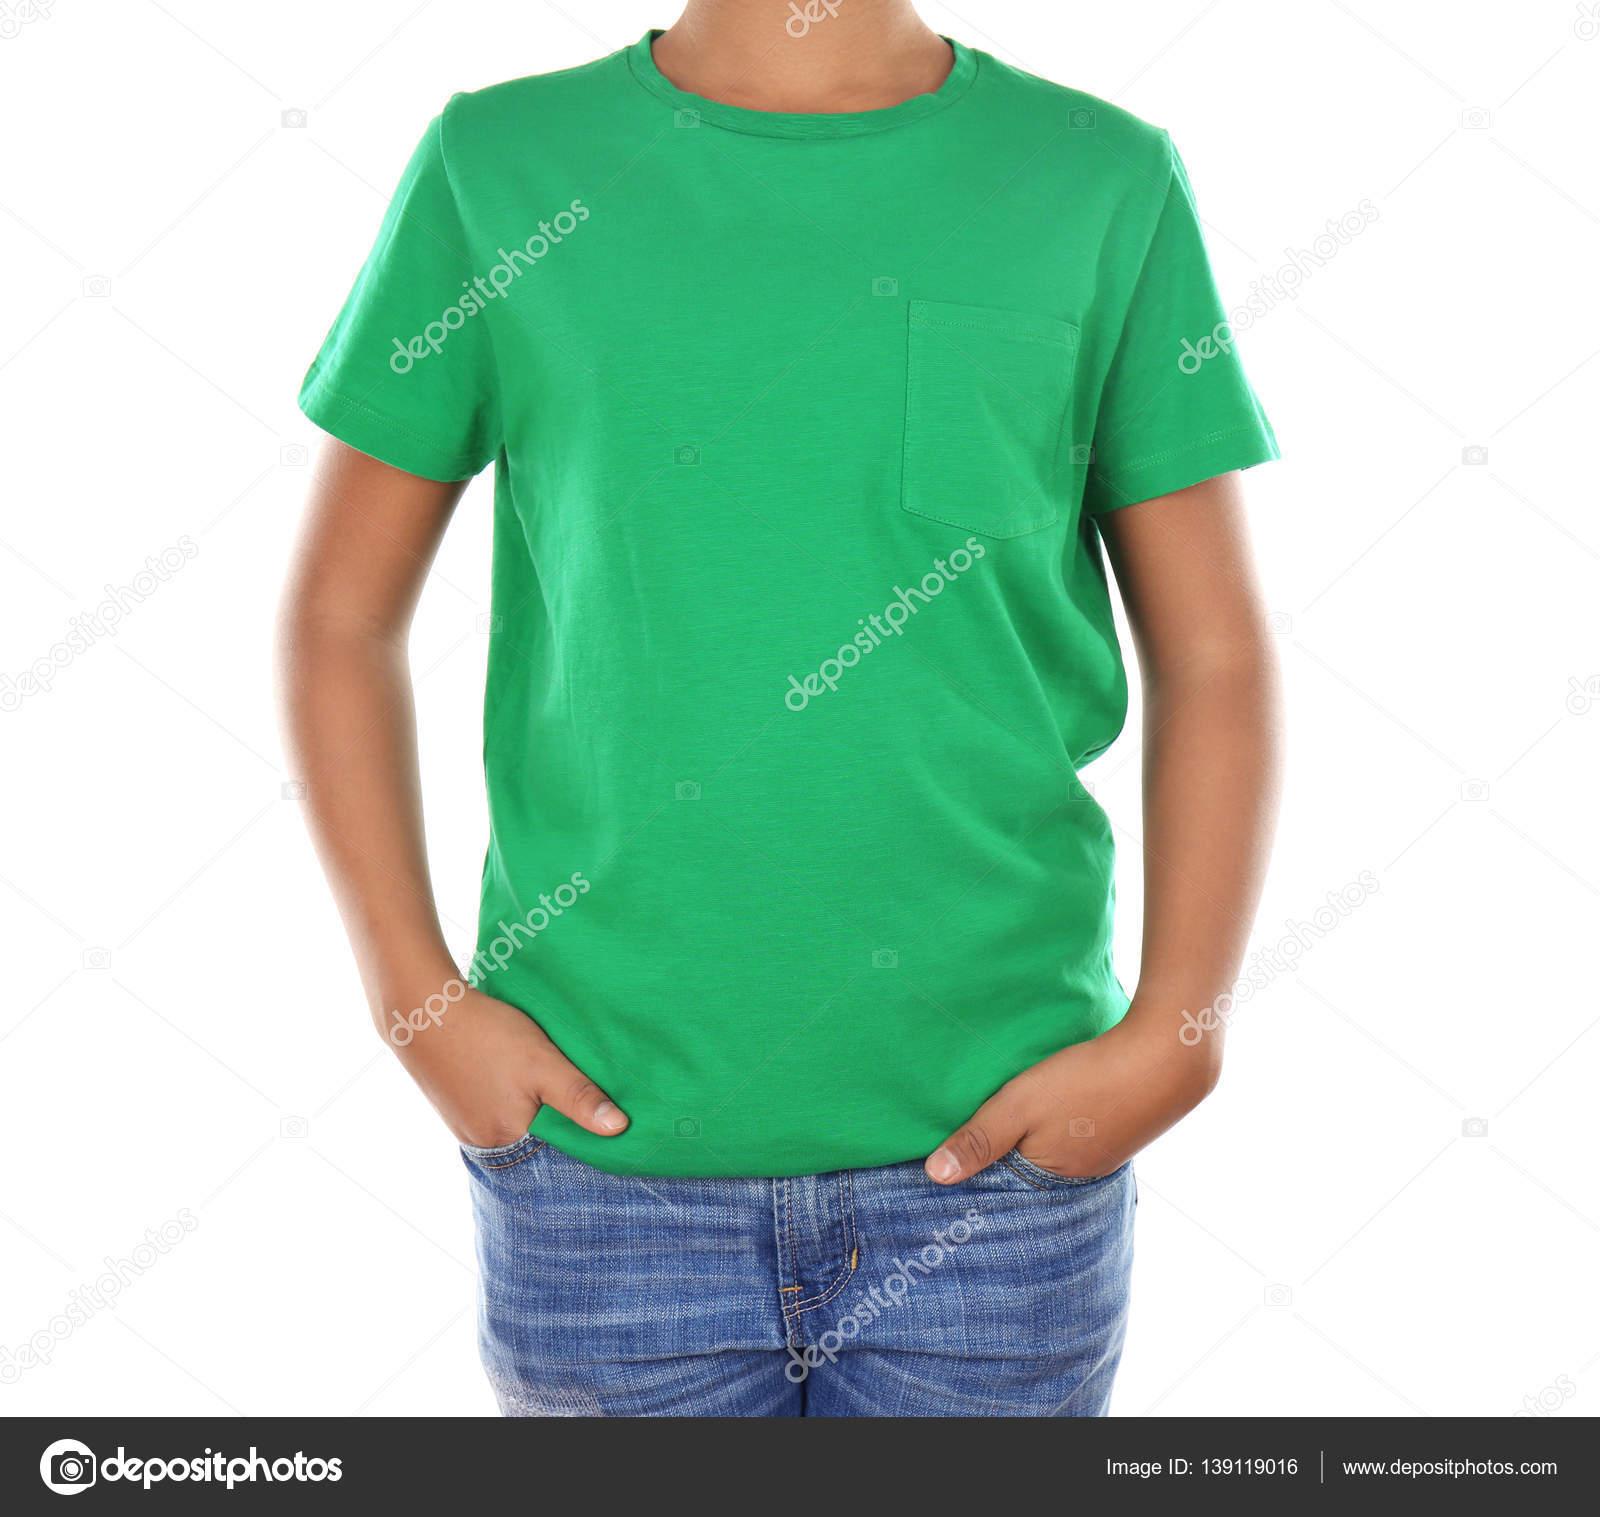 710c526e1751 Νέοι αφρικανική αμερικανική αγόρι στο κενό πράσινο μπλουζάκι στέκεται πάνω  σε λευκό φόντο — Εικόνα από belchonock